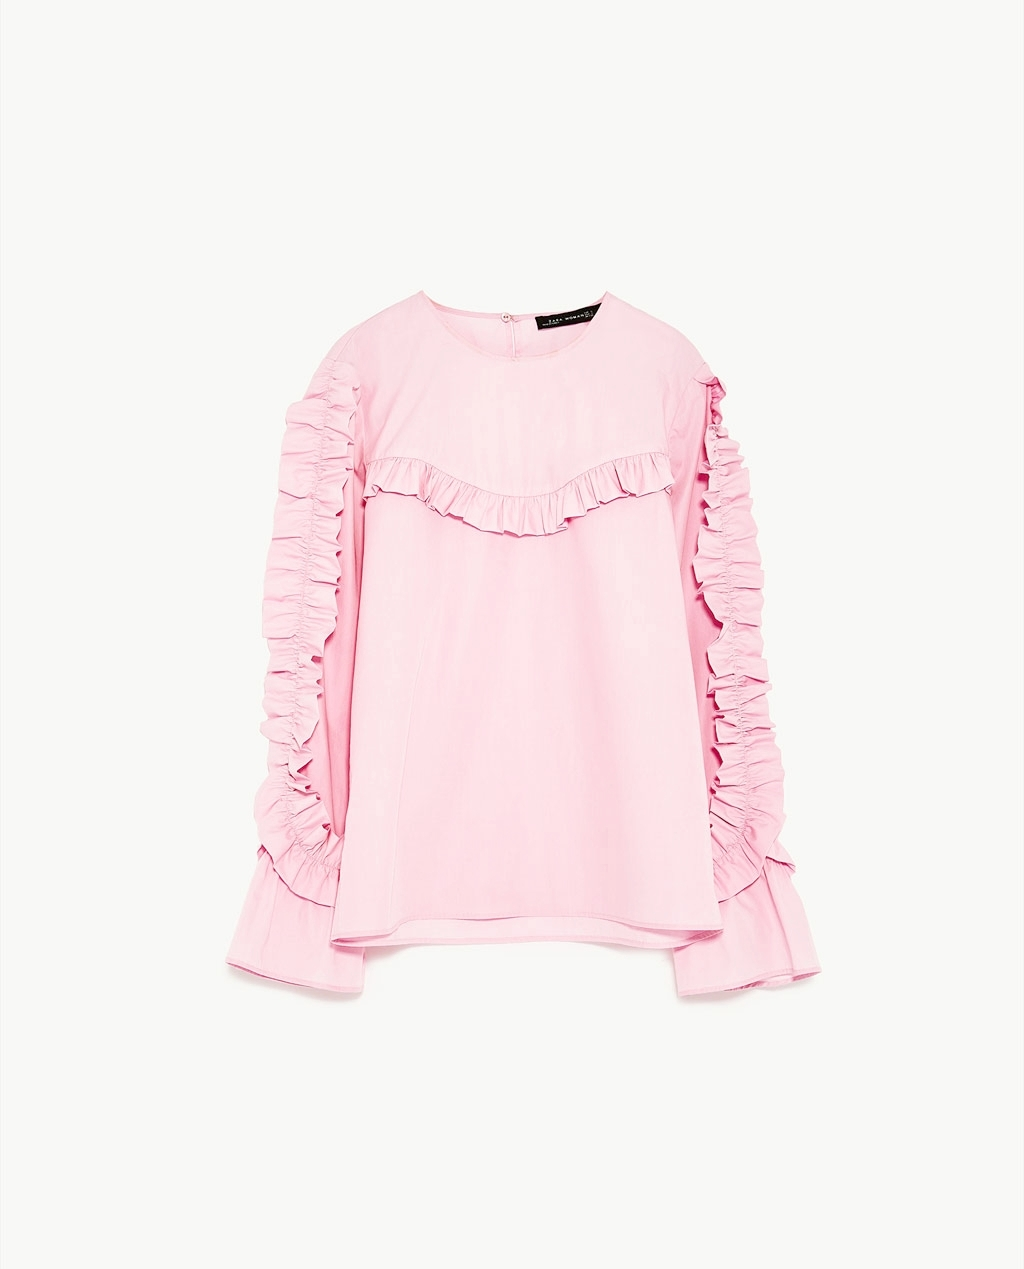 Top, £29.99, Zara